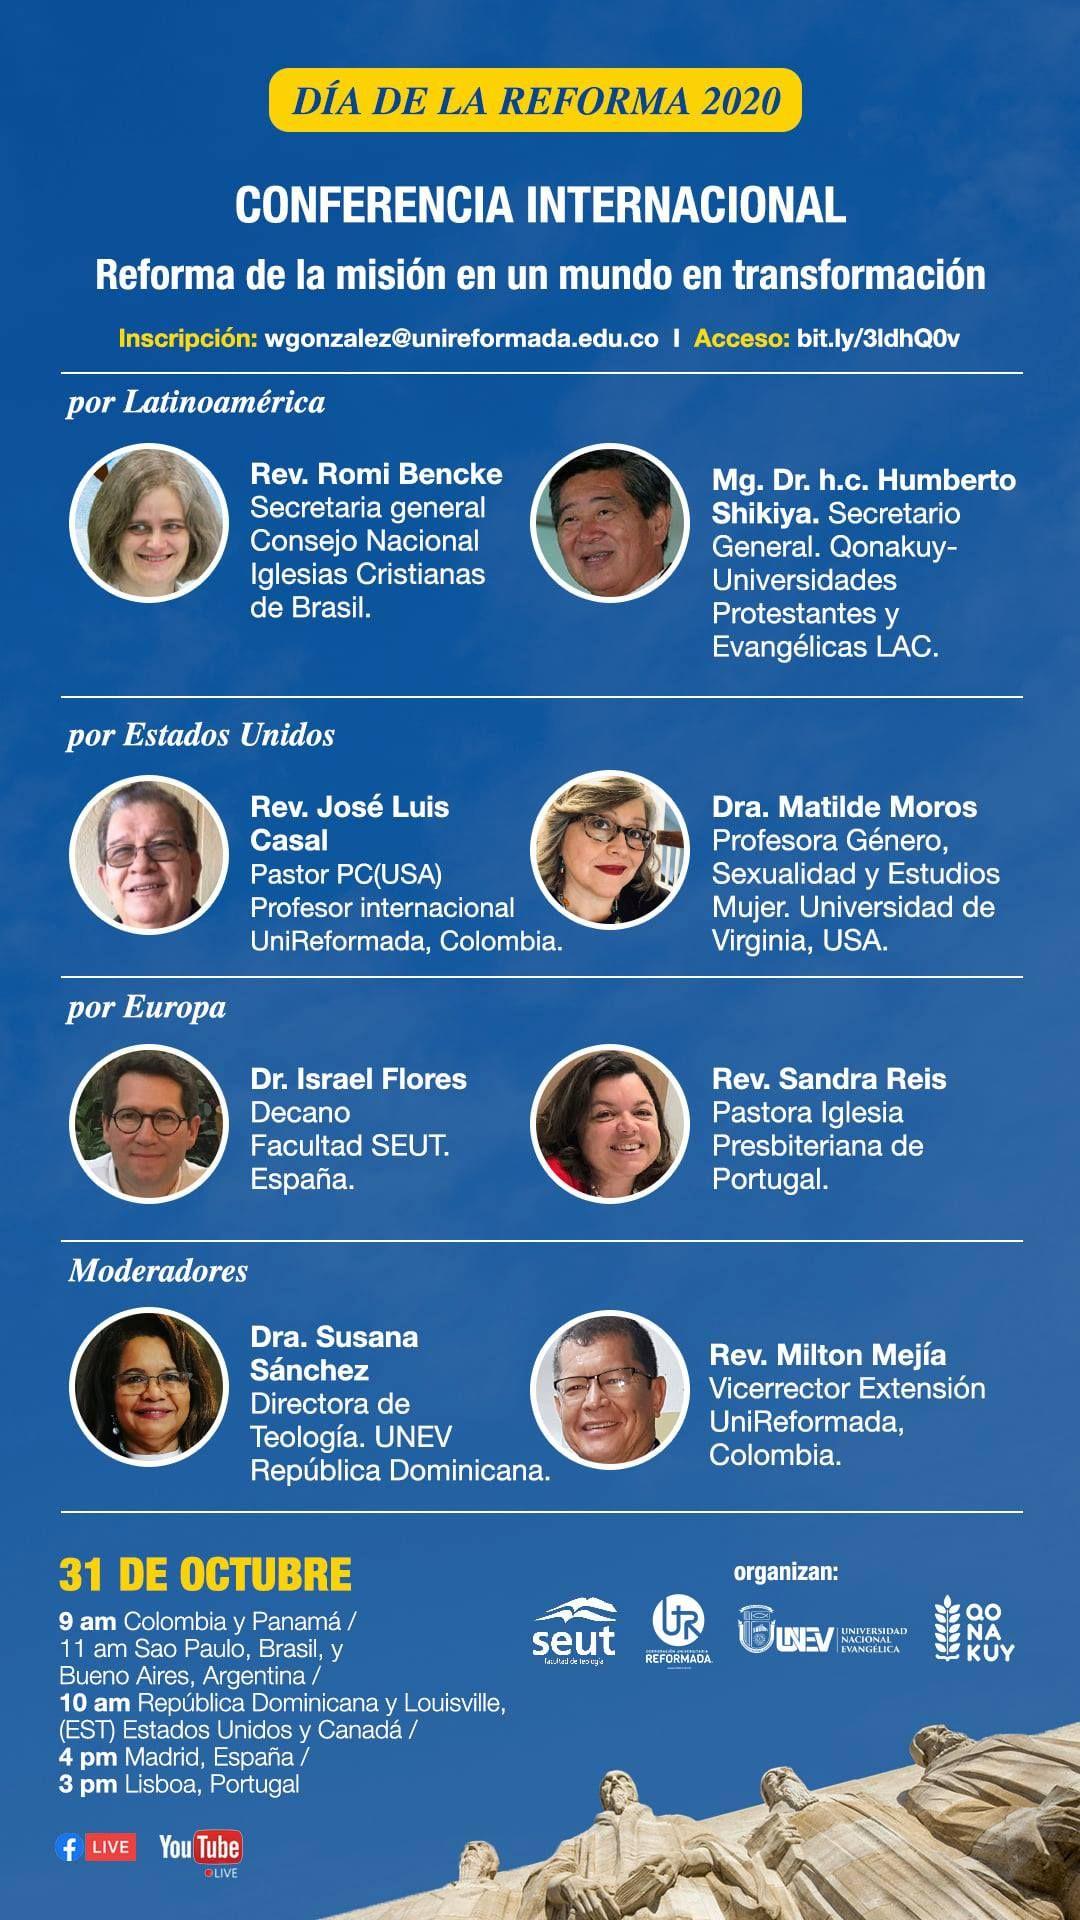 Conferencia Internacional Día de la Reforma 2020